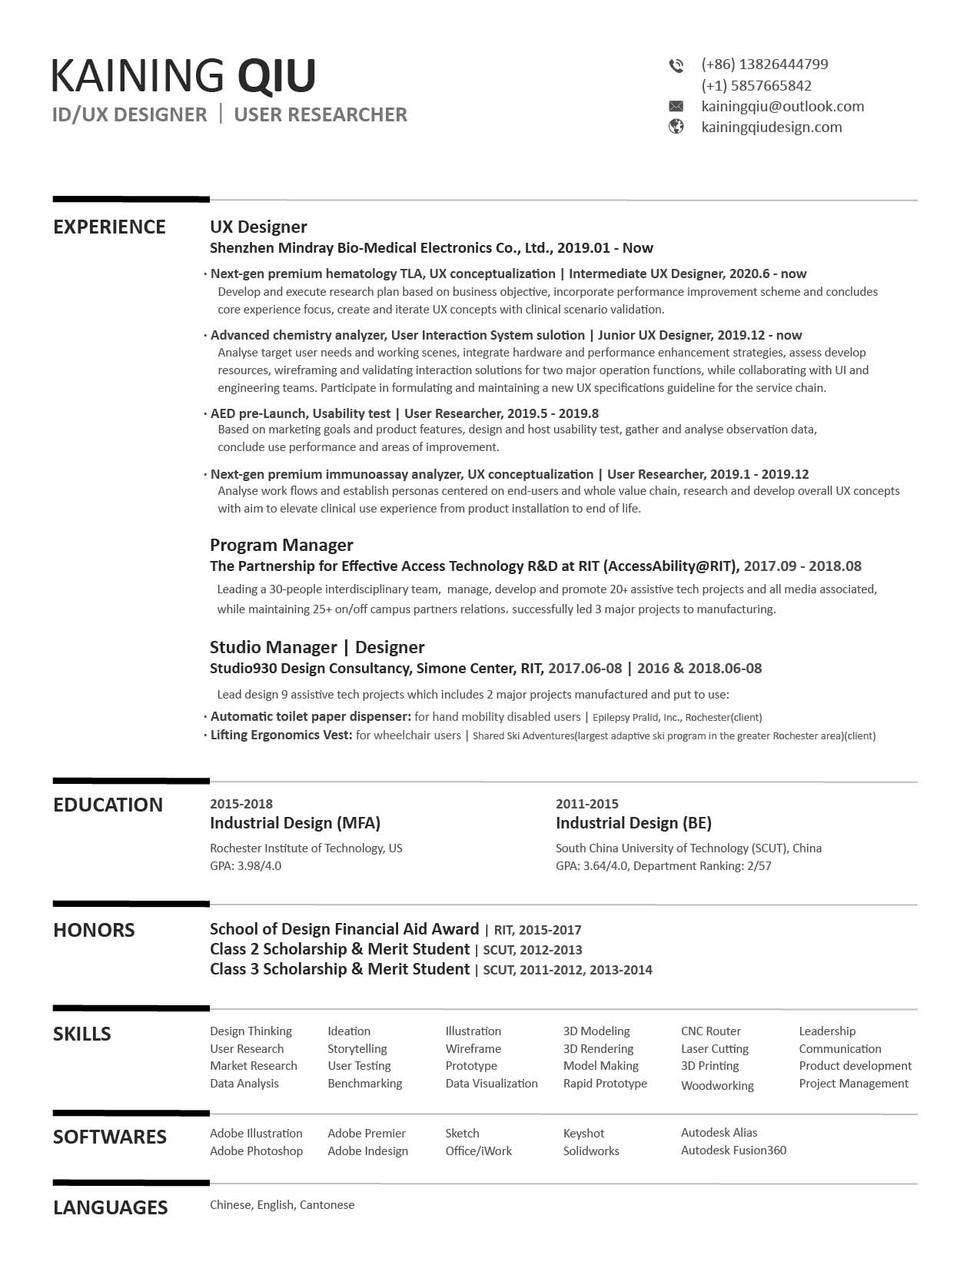 Kaining Qiu_ID|UX|UR_Resume_2020_Eng.jpg